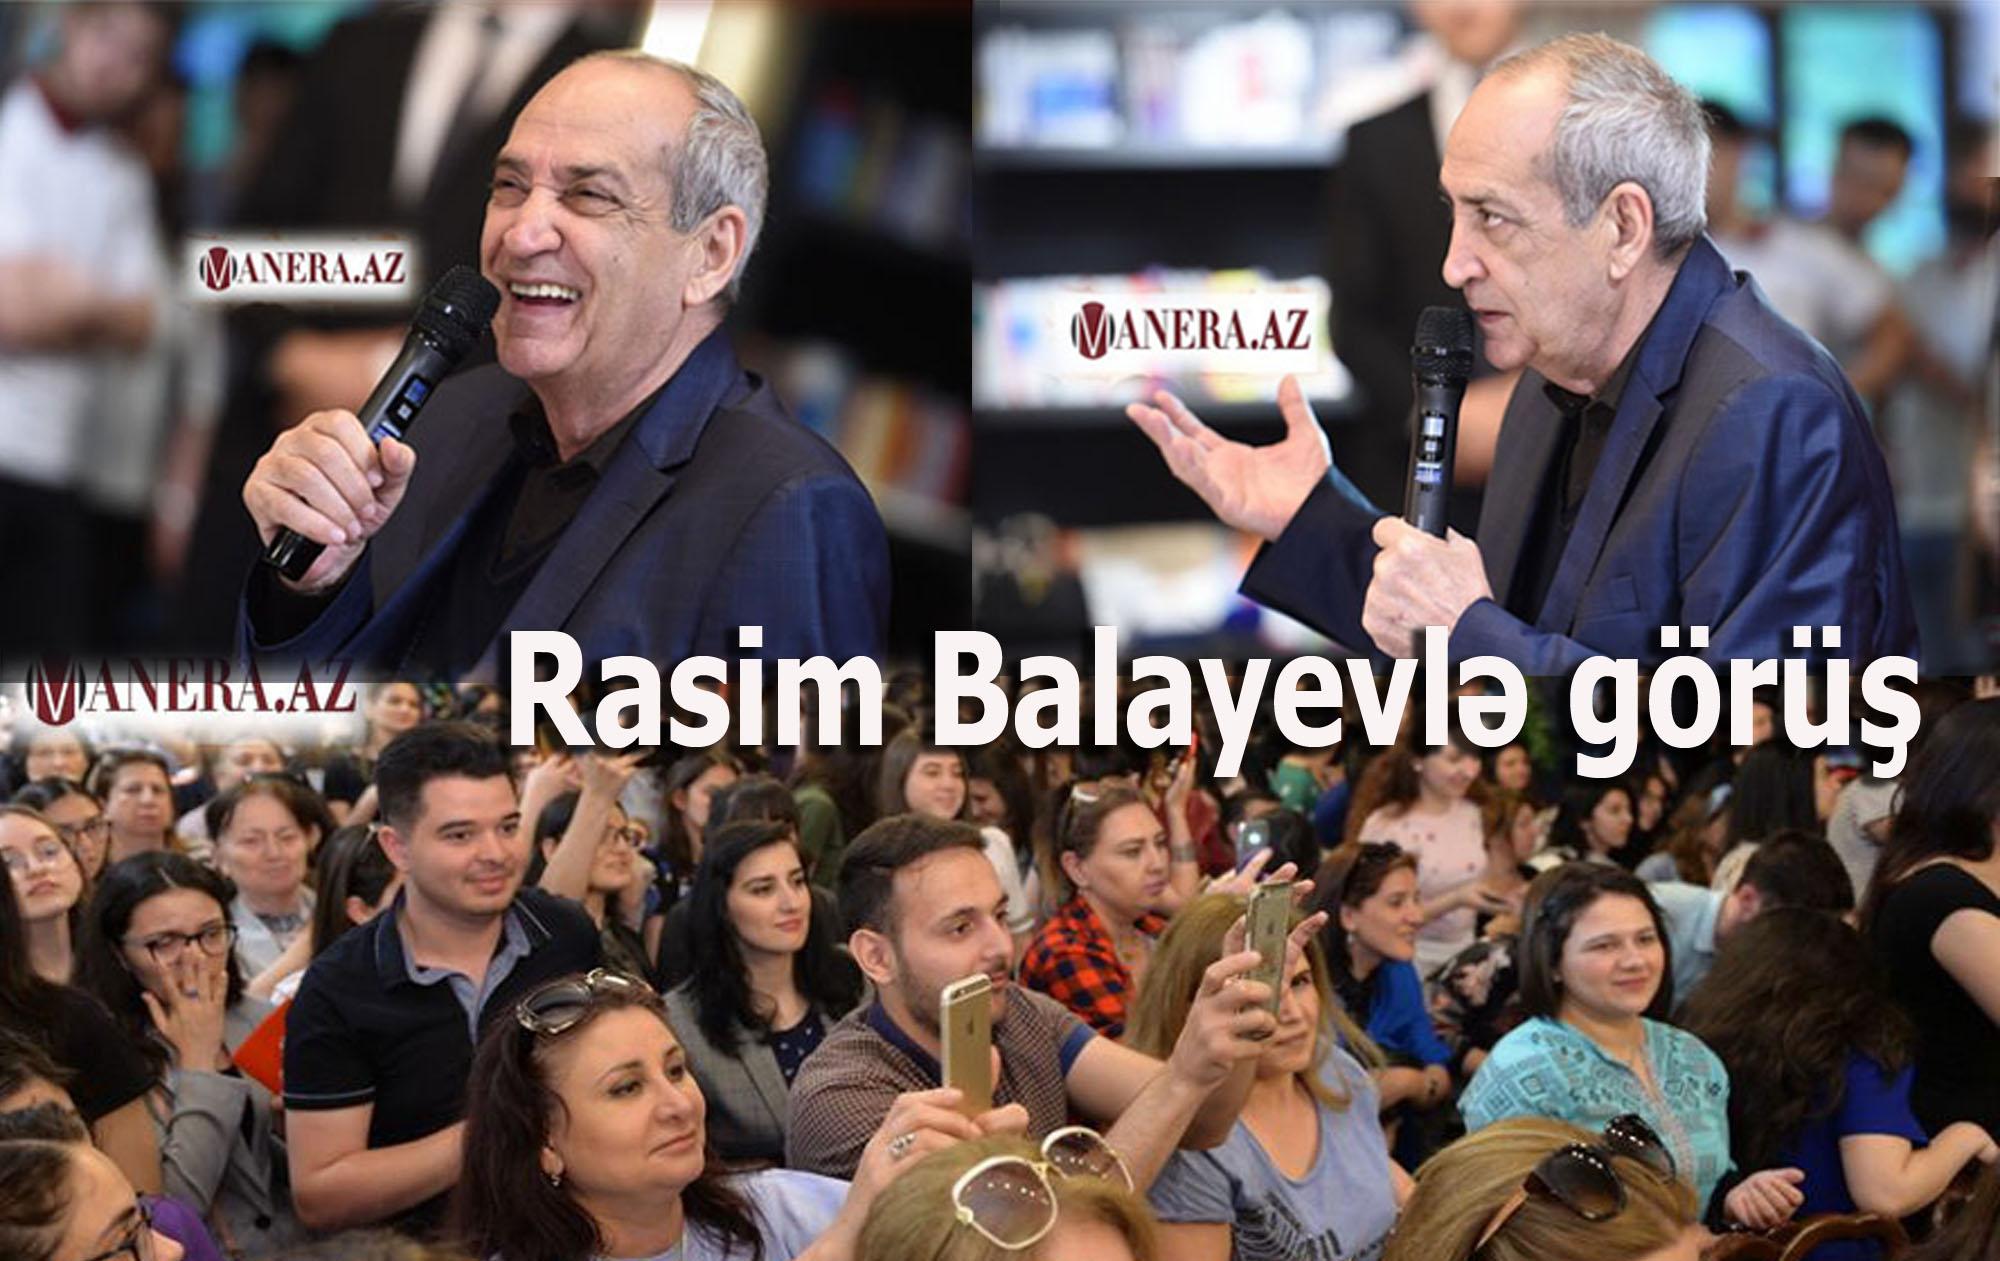 Rasim Balayevlə görüş keçirildi - FOTOLAR